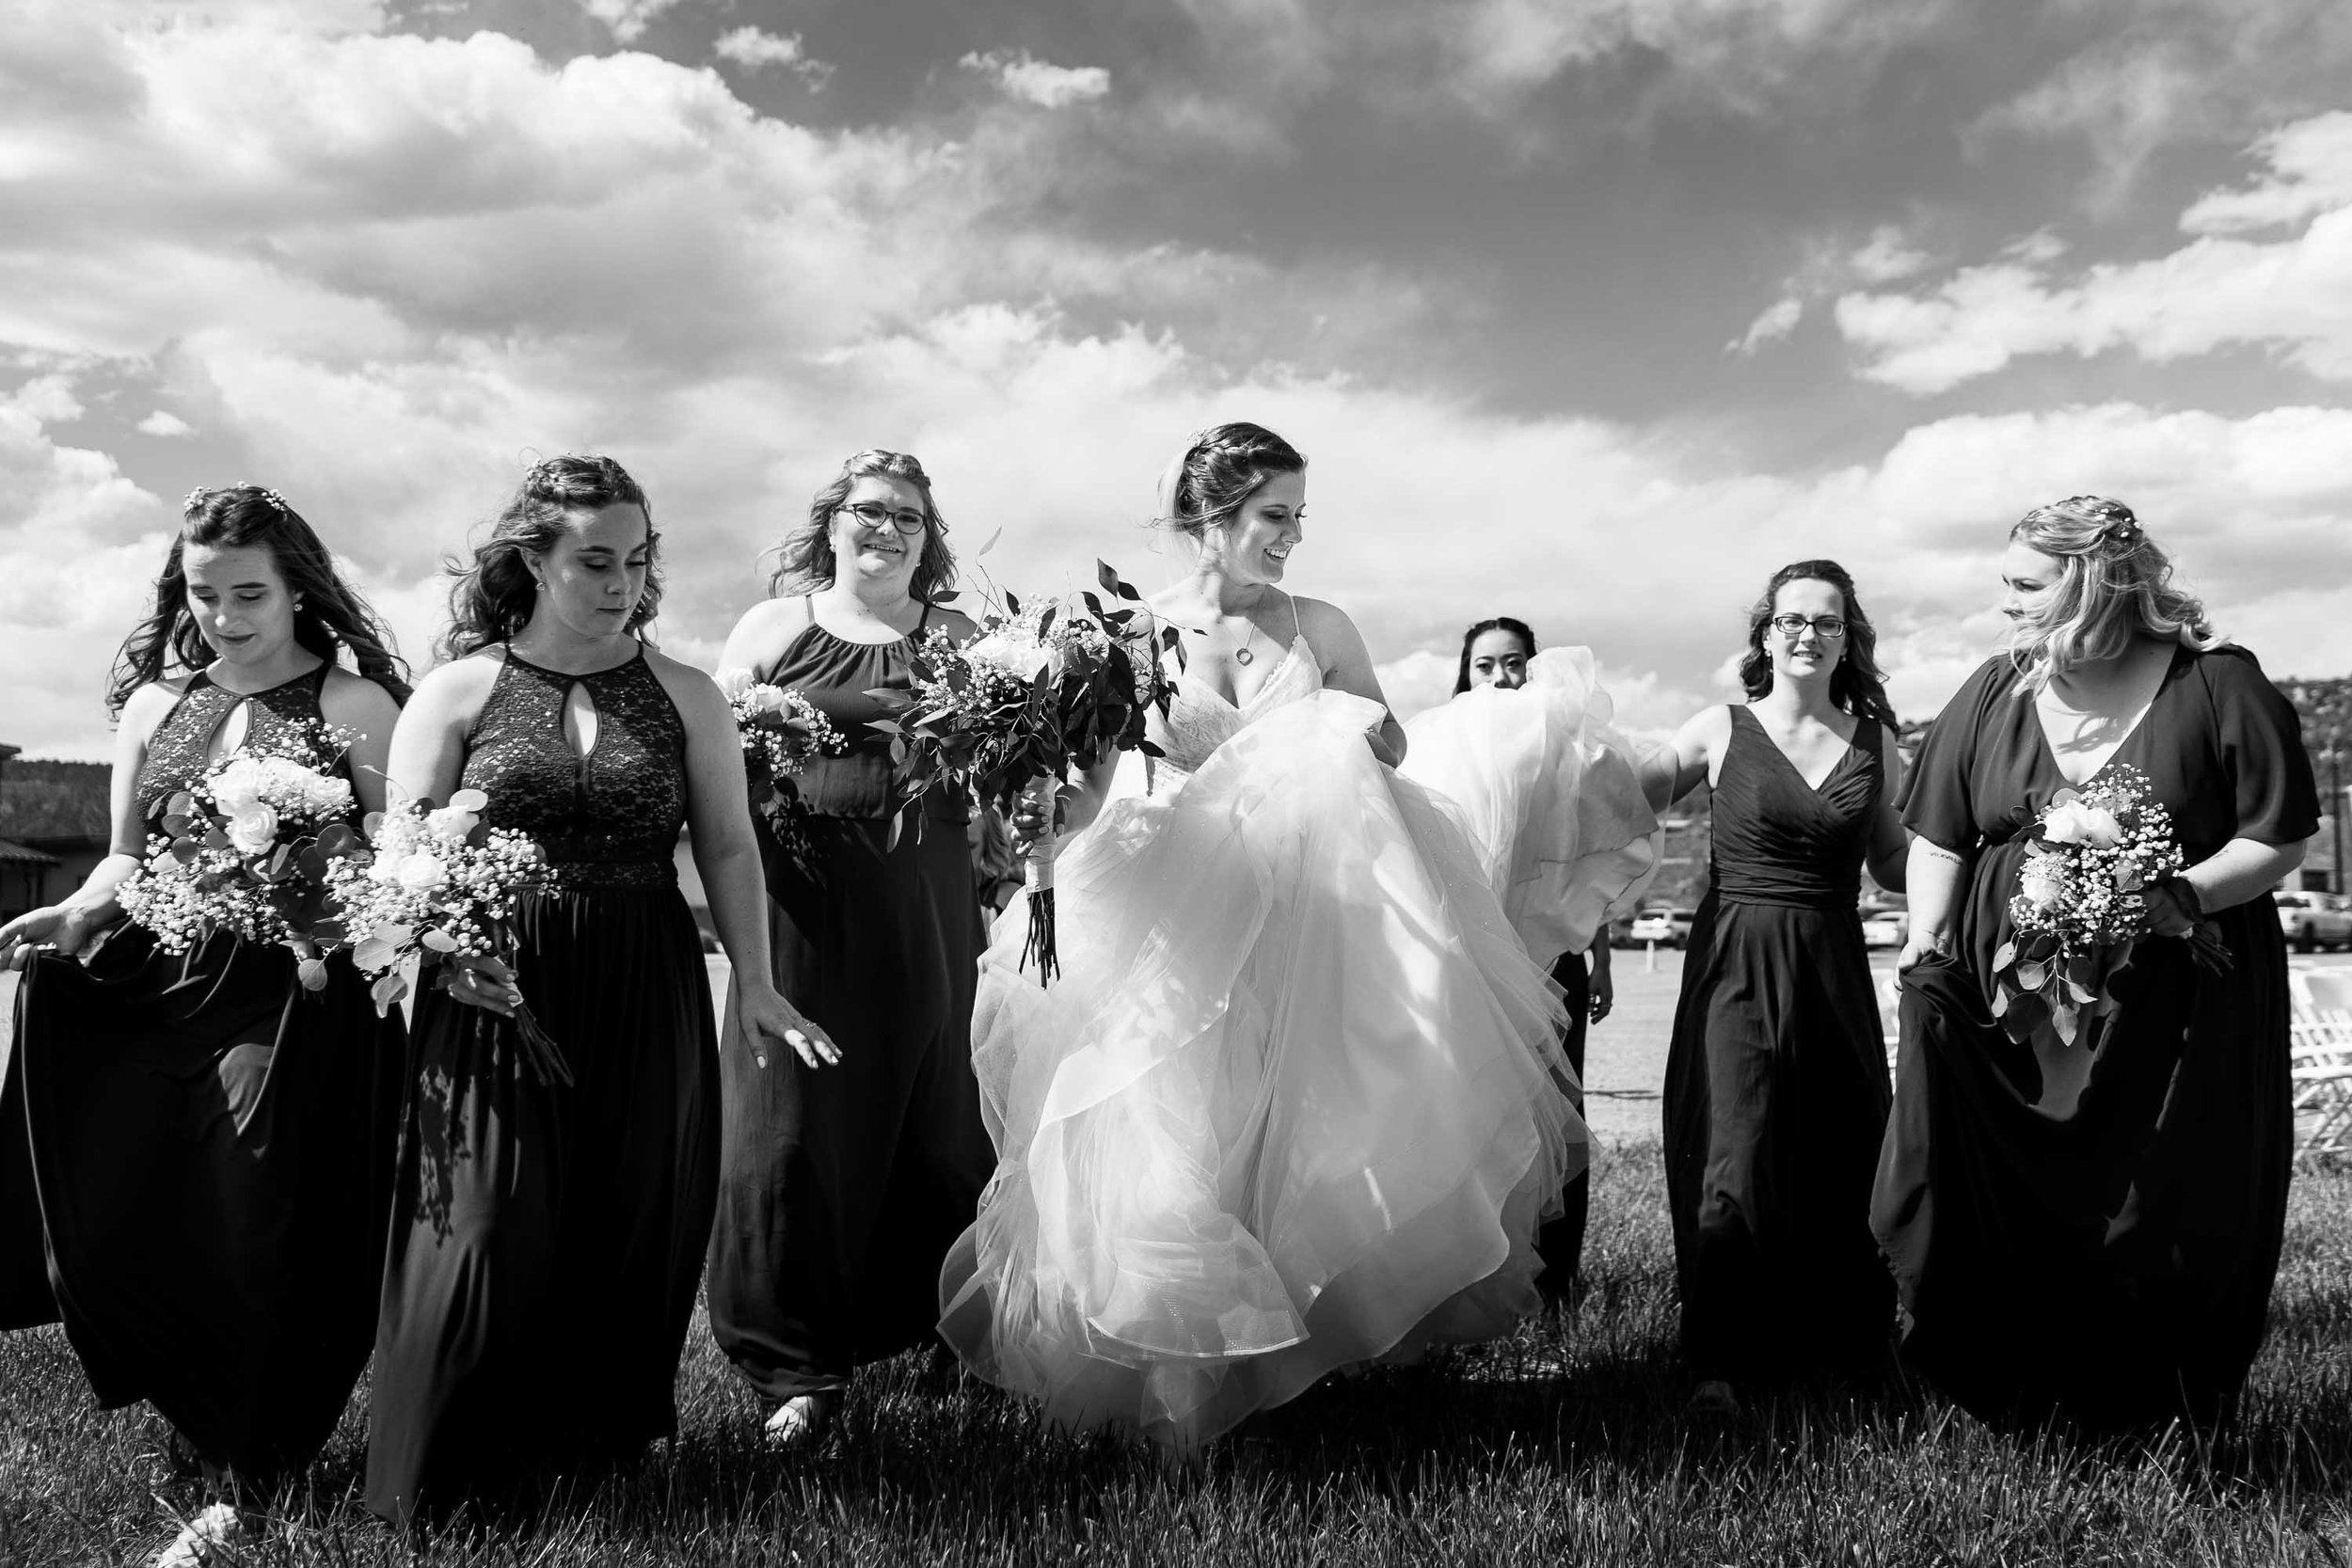 Kelsie_Nick_Ouray_Wedding-96.jpg